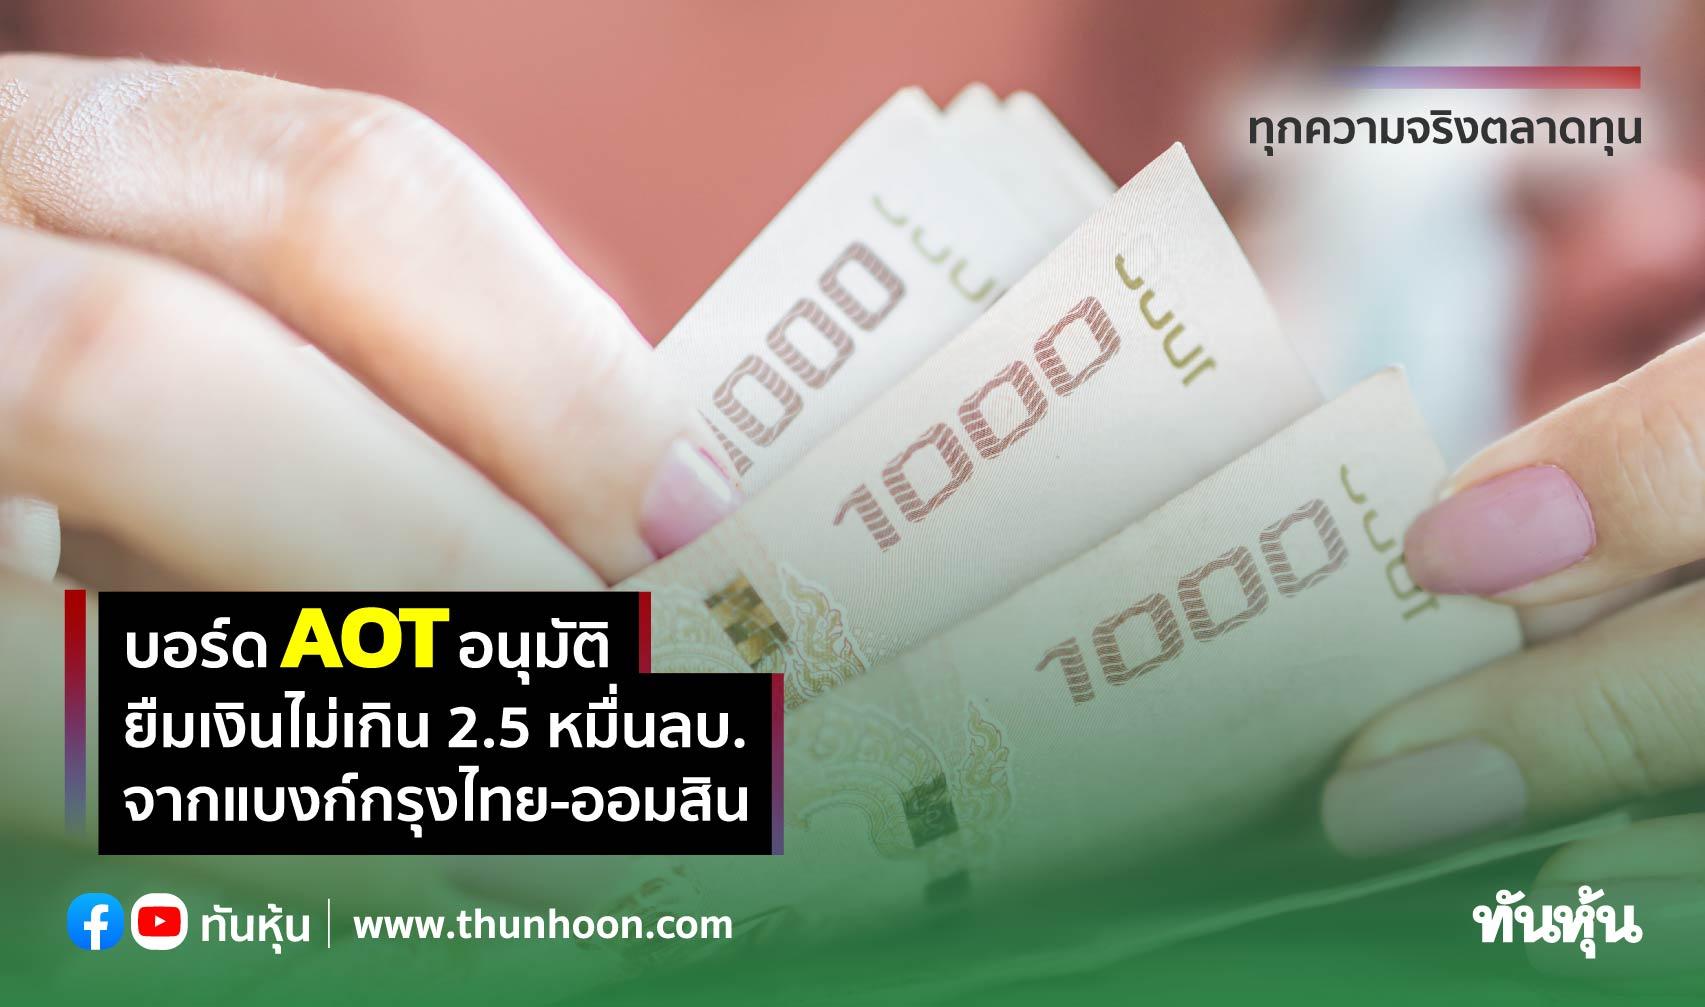 บอร์ด AOT อนุมัติกู้ยืมเงินไม่เกิน 2.5 หมื่นลบ.จากแบงก์กรุงไทย-ออมสิน